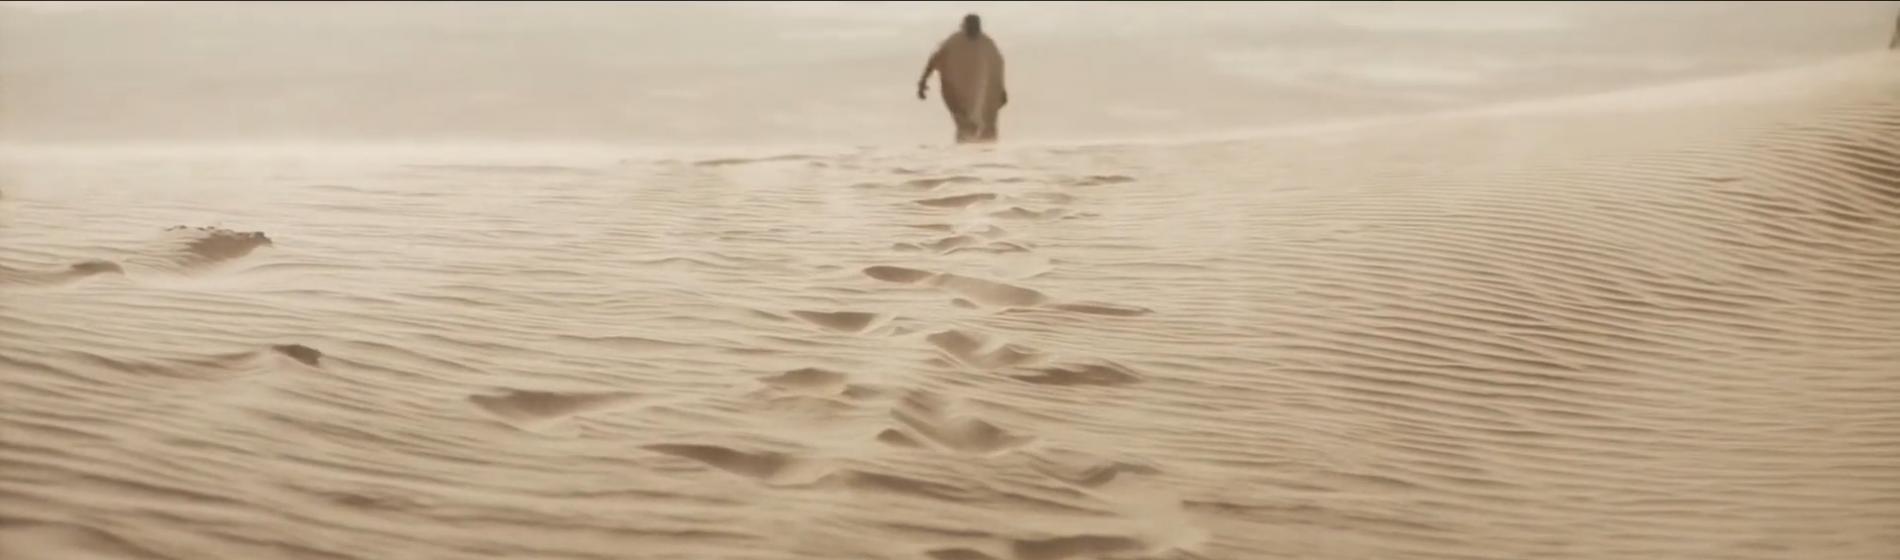 dune final trailer desert